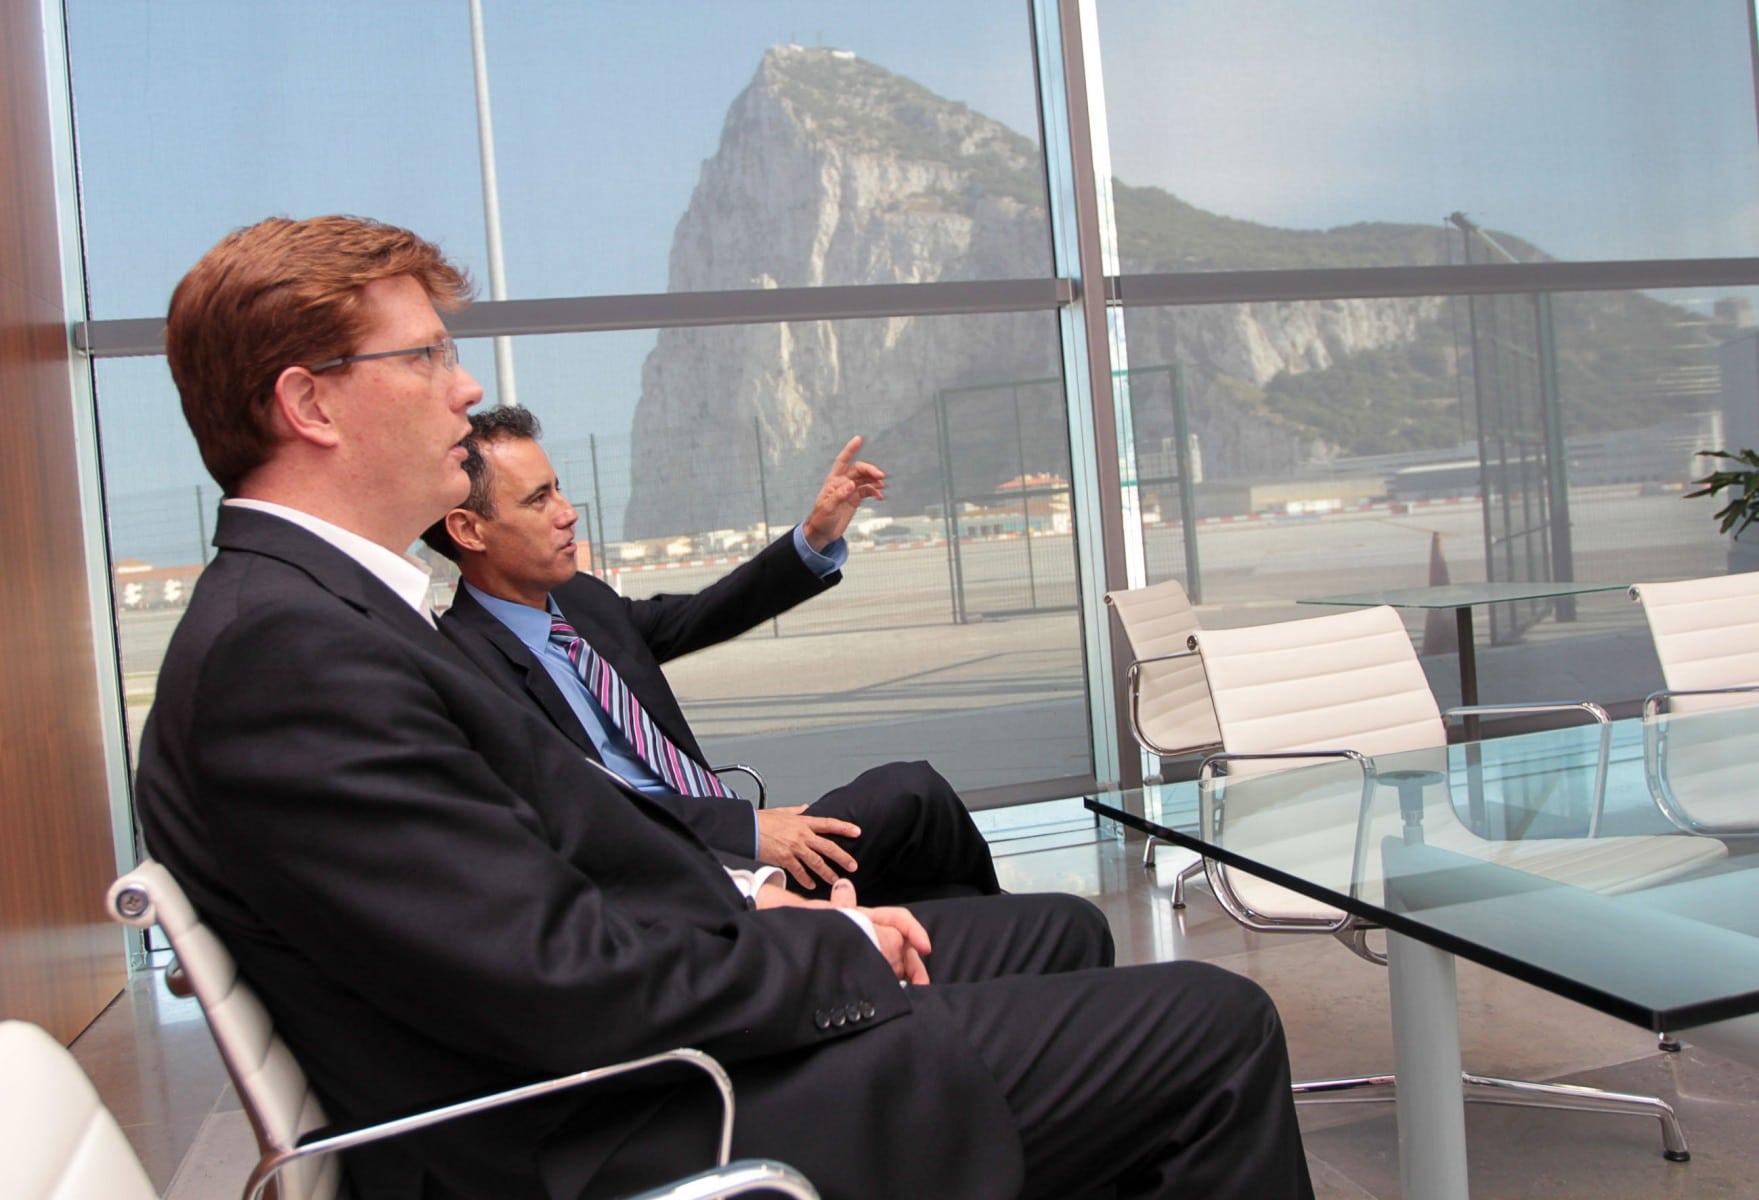 danny-ale9-mayo-2014-visita-a-gibraltar-del-secretario-de-estado-britnico-daniel-alexander-con-ocasin-del-da-de-europa_14165525572_o